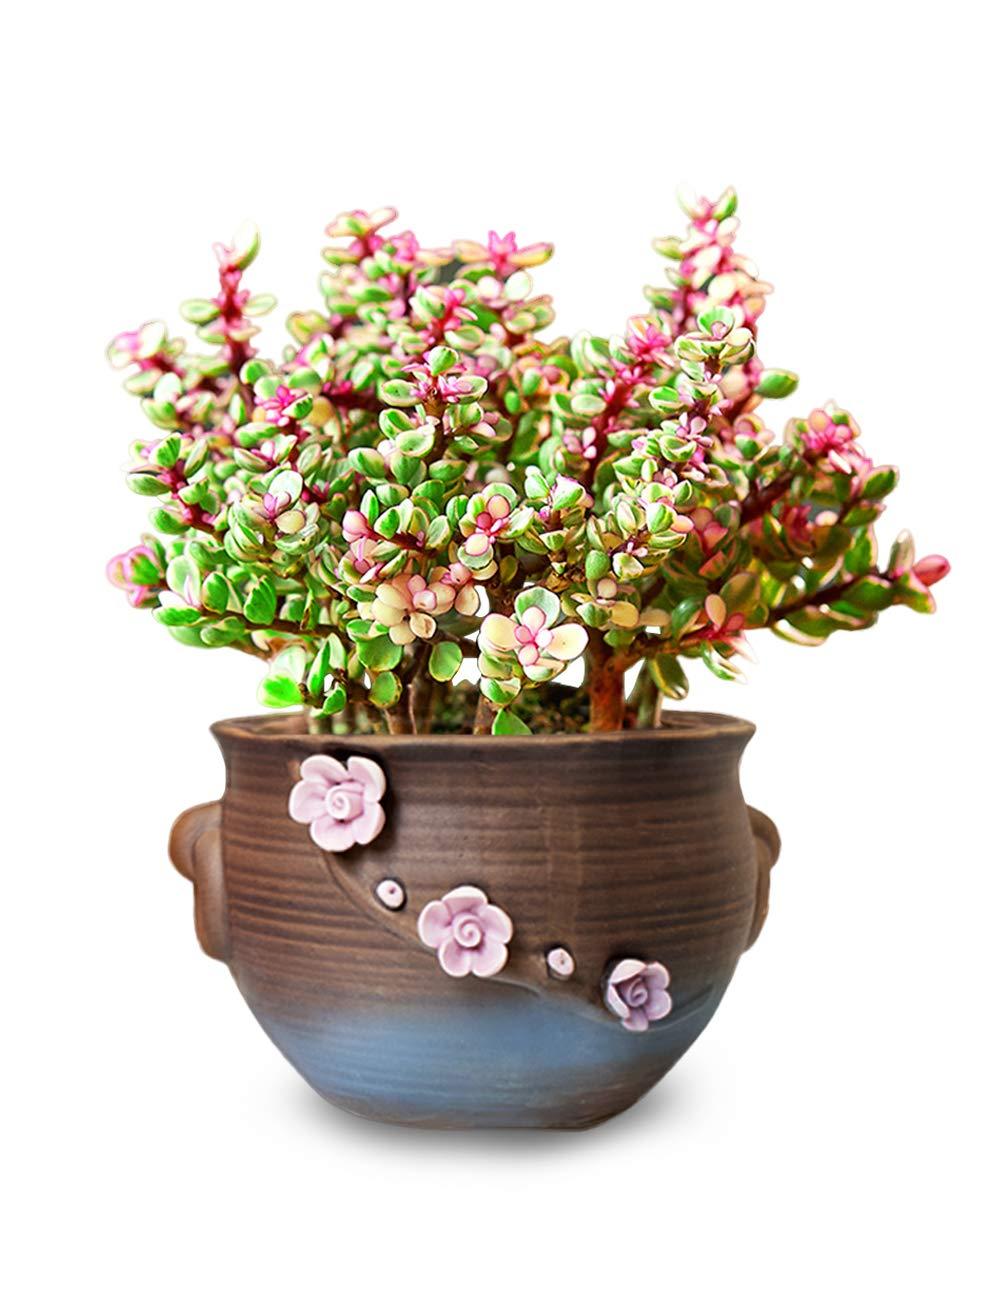 Dahlia 5 Vintage Style Floral Detail Ceramic Succulent Planter Plant Pot Flower Pot